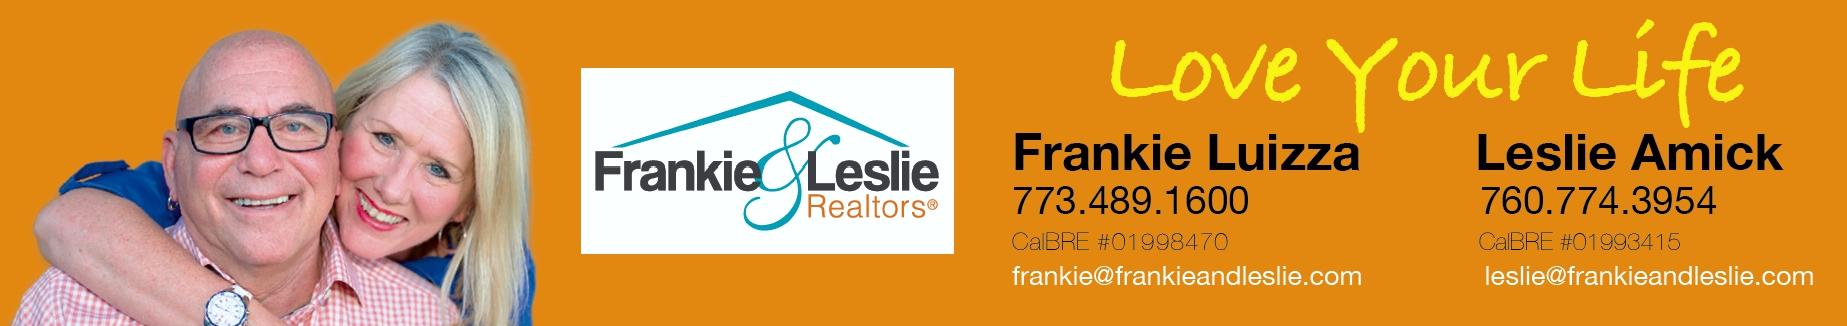 FrankieandLeslie.com